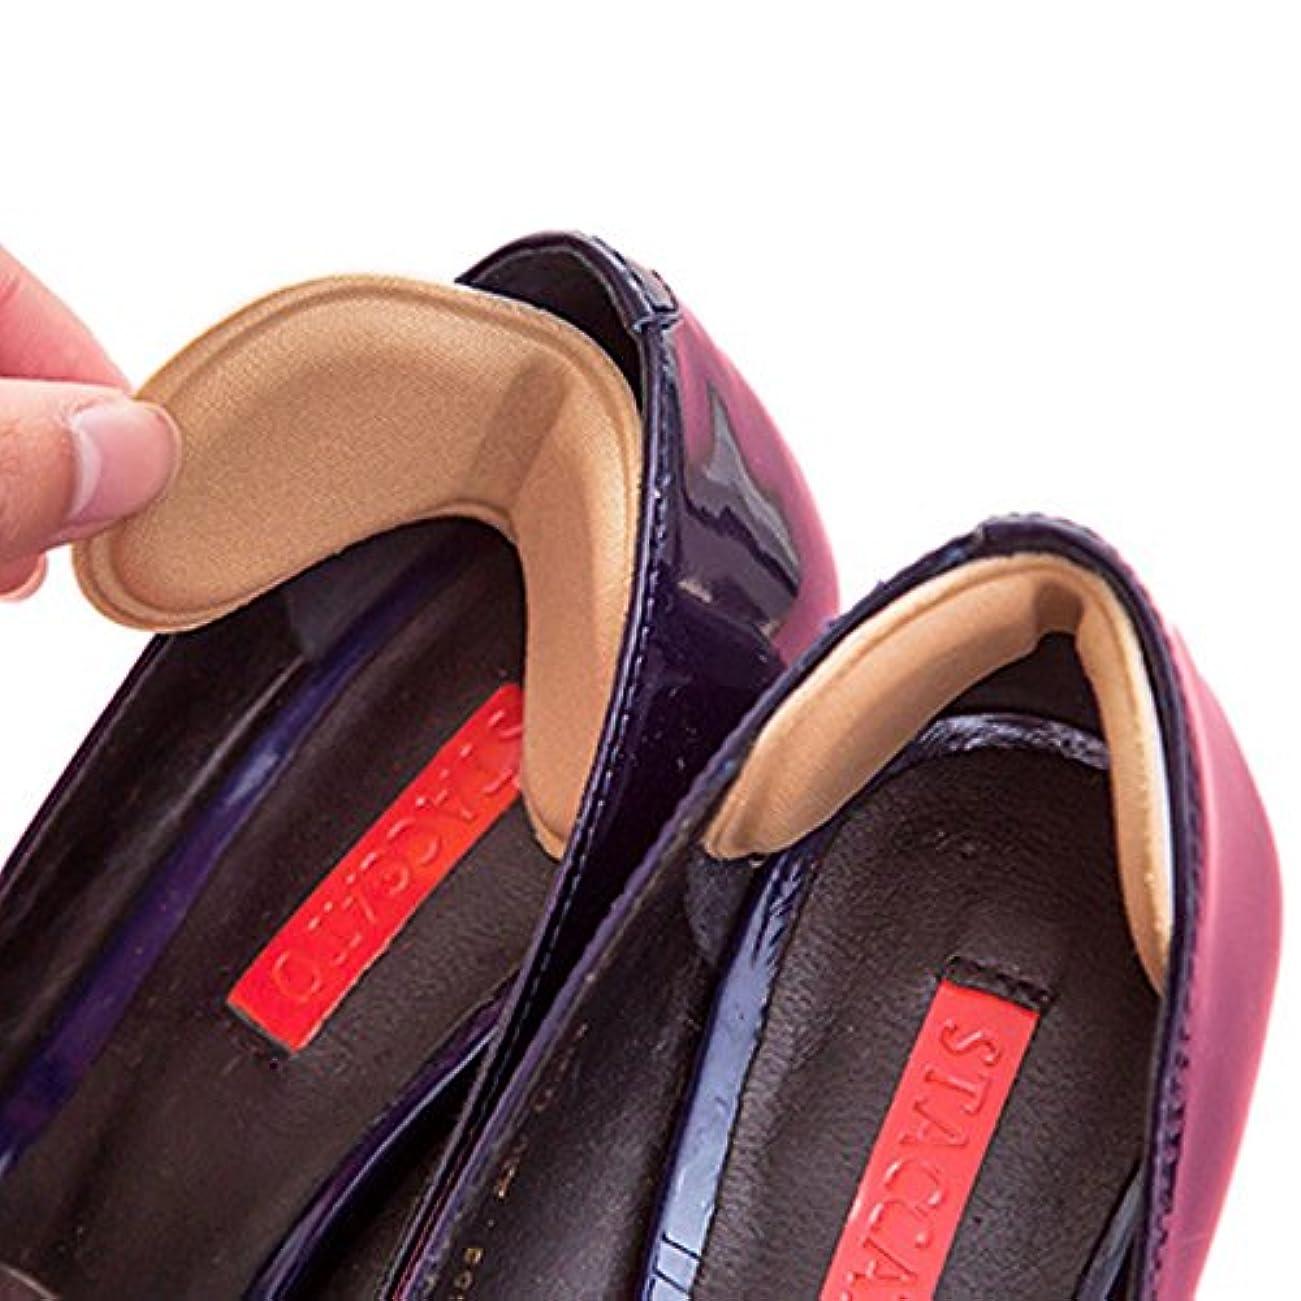 想定する休み包括的靴擦れ 半張りパッド 靴擦れ防止 防止かかと パカパカ防止 ハイヒール用 足裏保護 インソール 靴のサイズ調整 四組入り